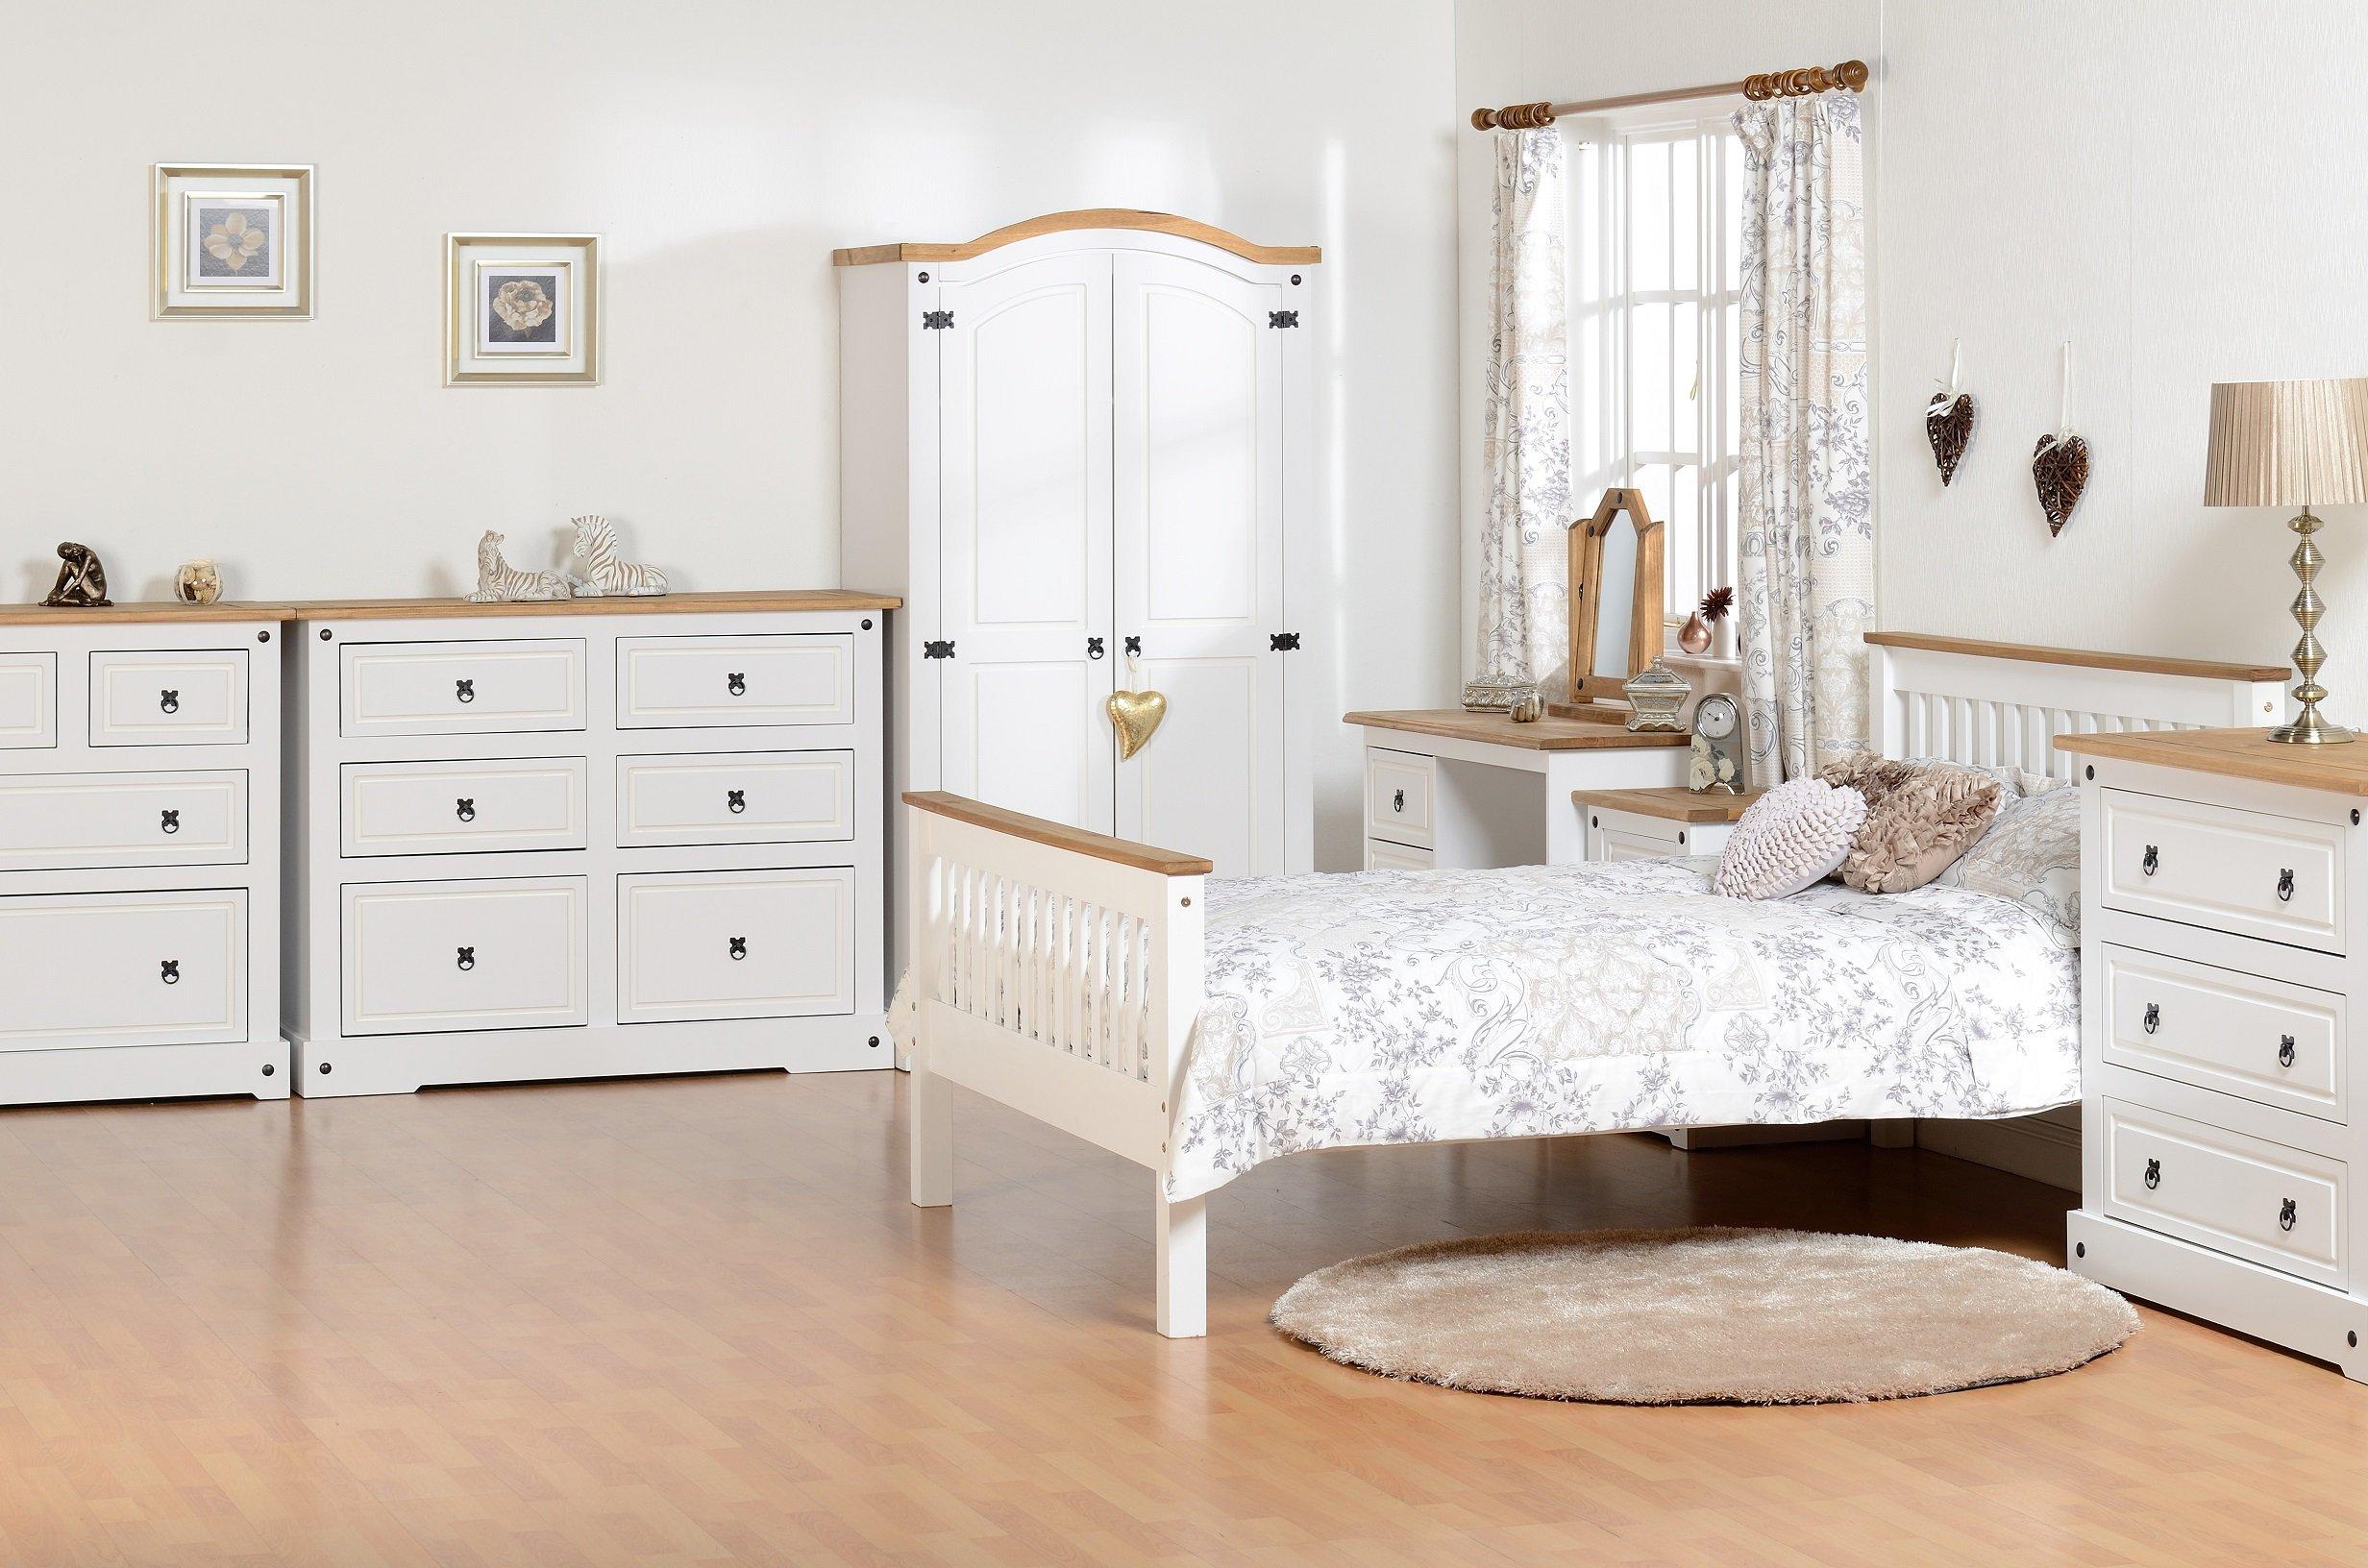 Quality Furniture Newbiggin Newbiggin Suite and Furniture Centre